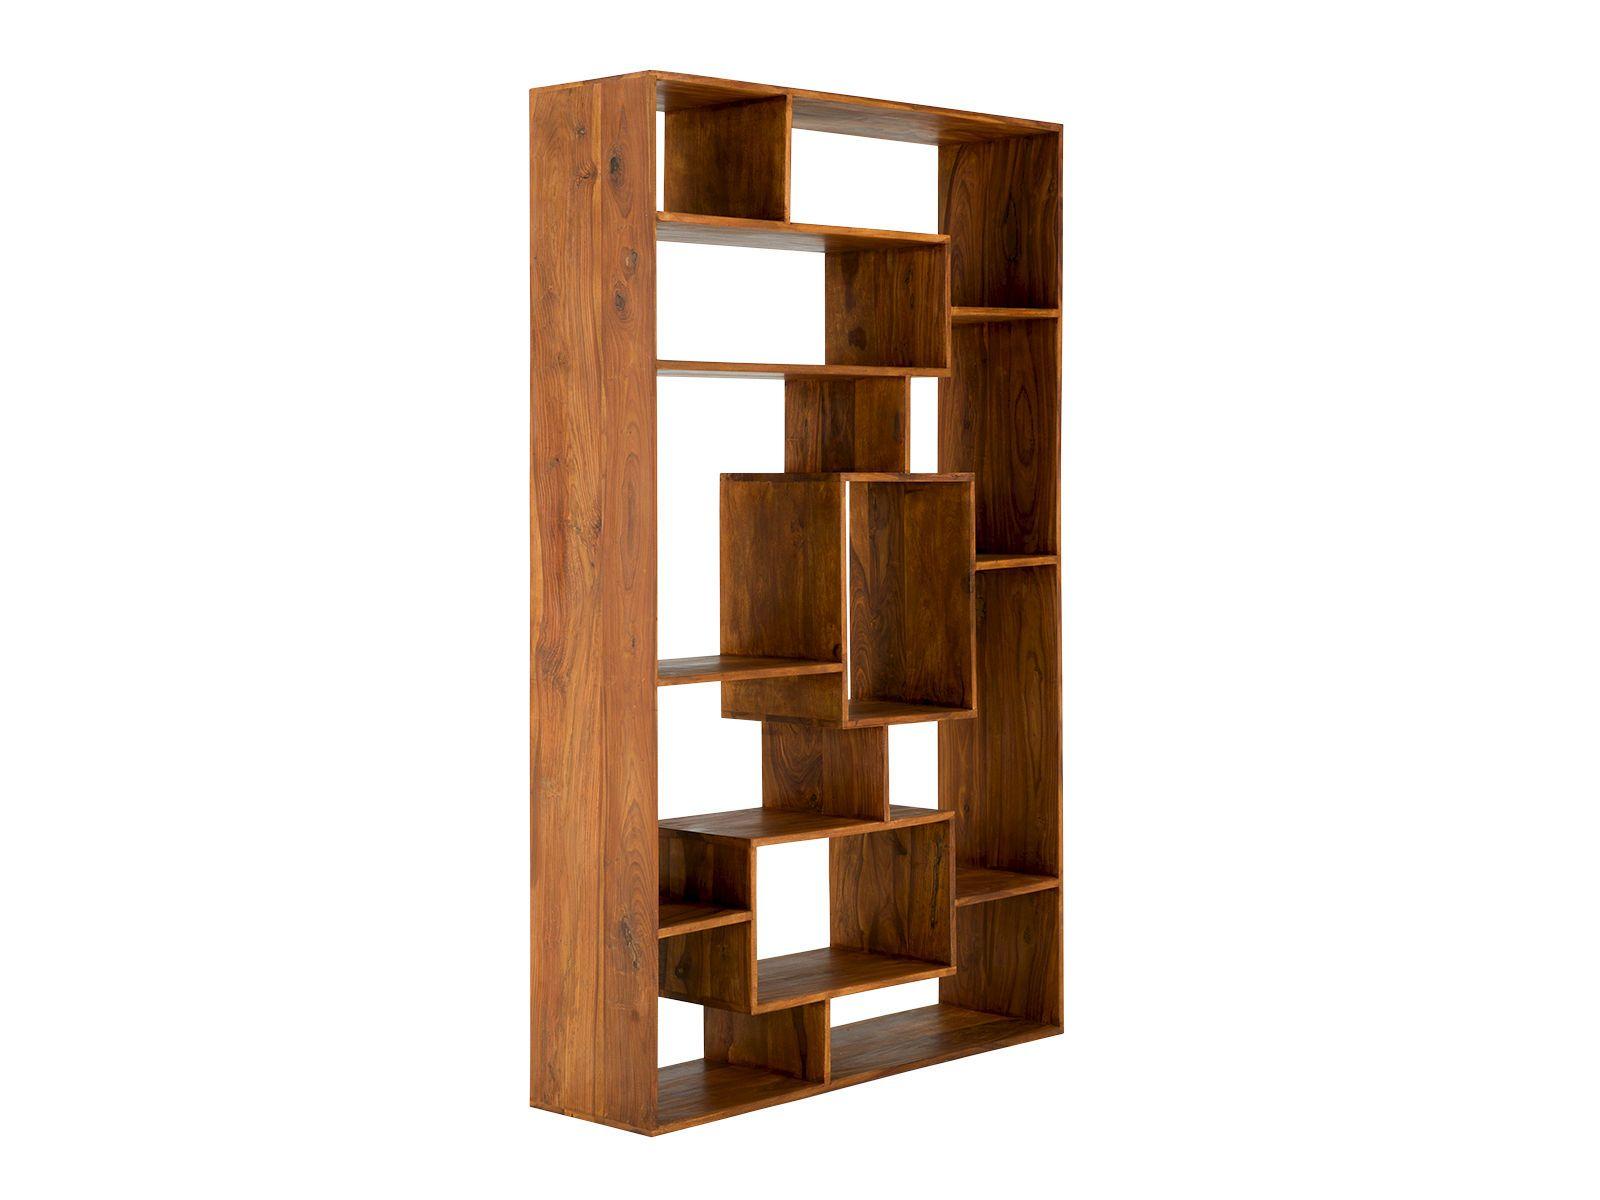 regal billig best regal bambus holz mit schubladen xxcm with regal billig excellent schuhregal. Black Bedroom Furniture Sets. Home Design Ideas